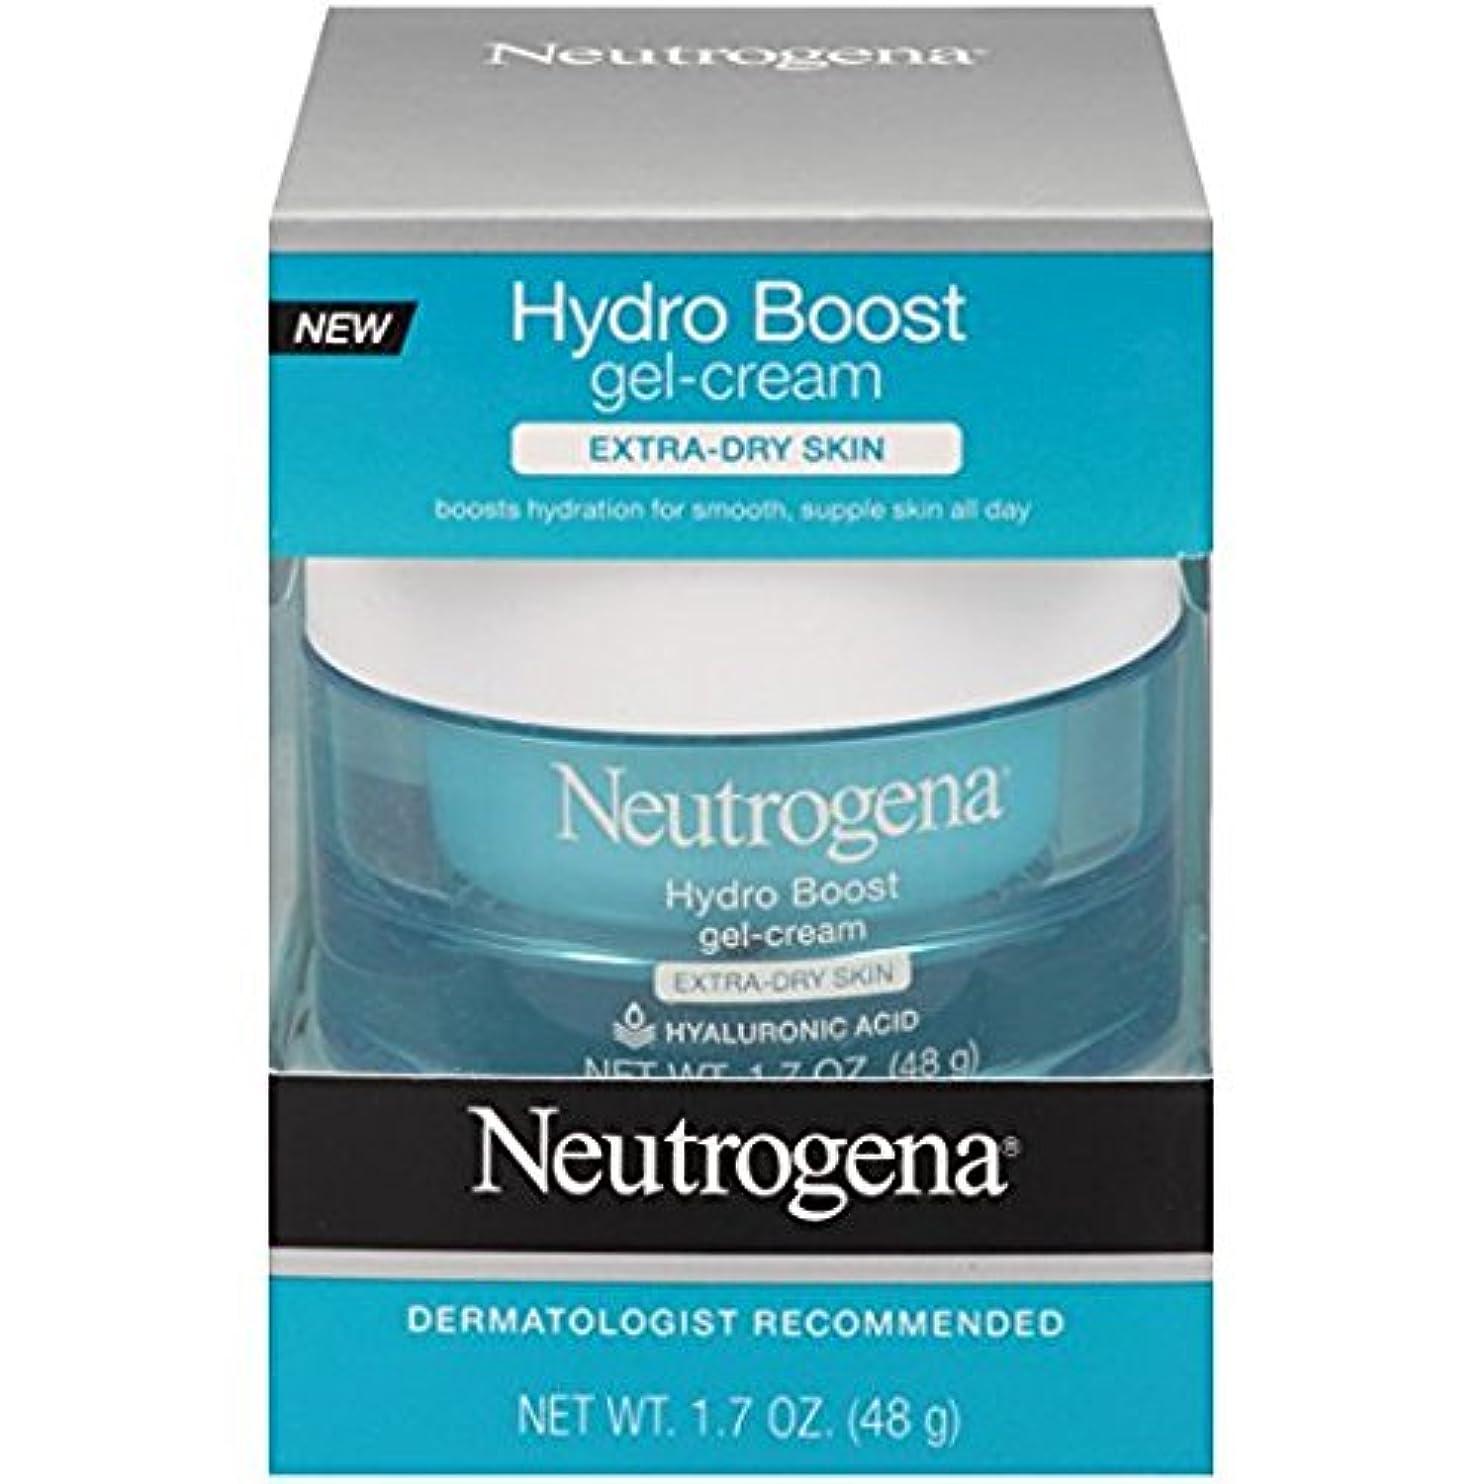 攻撃バンドすきNeutrogena Hydro Boost Water Gel 45g ニュートロジーナハイドロブーストウォータージェル エクストラドライスキン [並行輸入品]